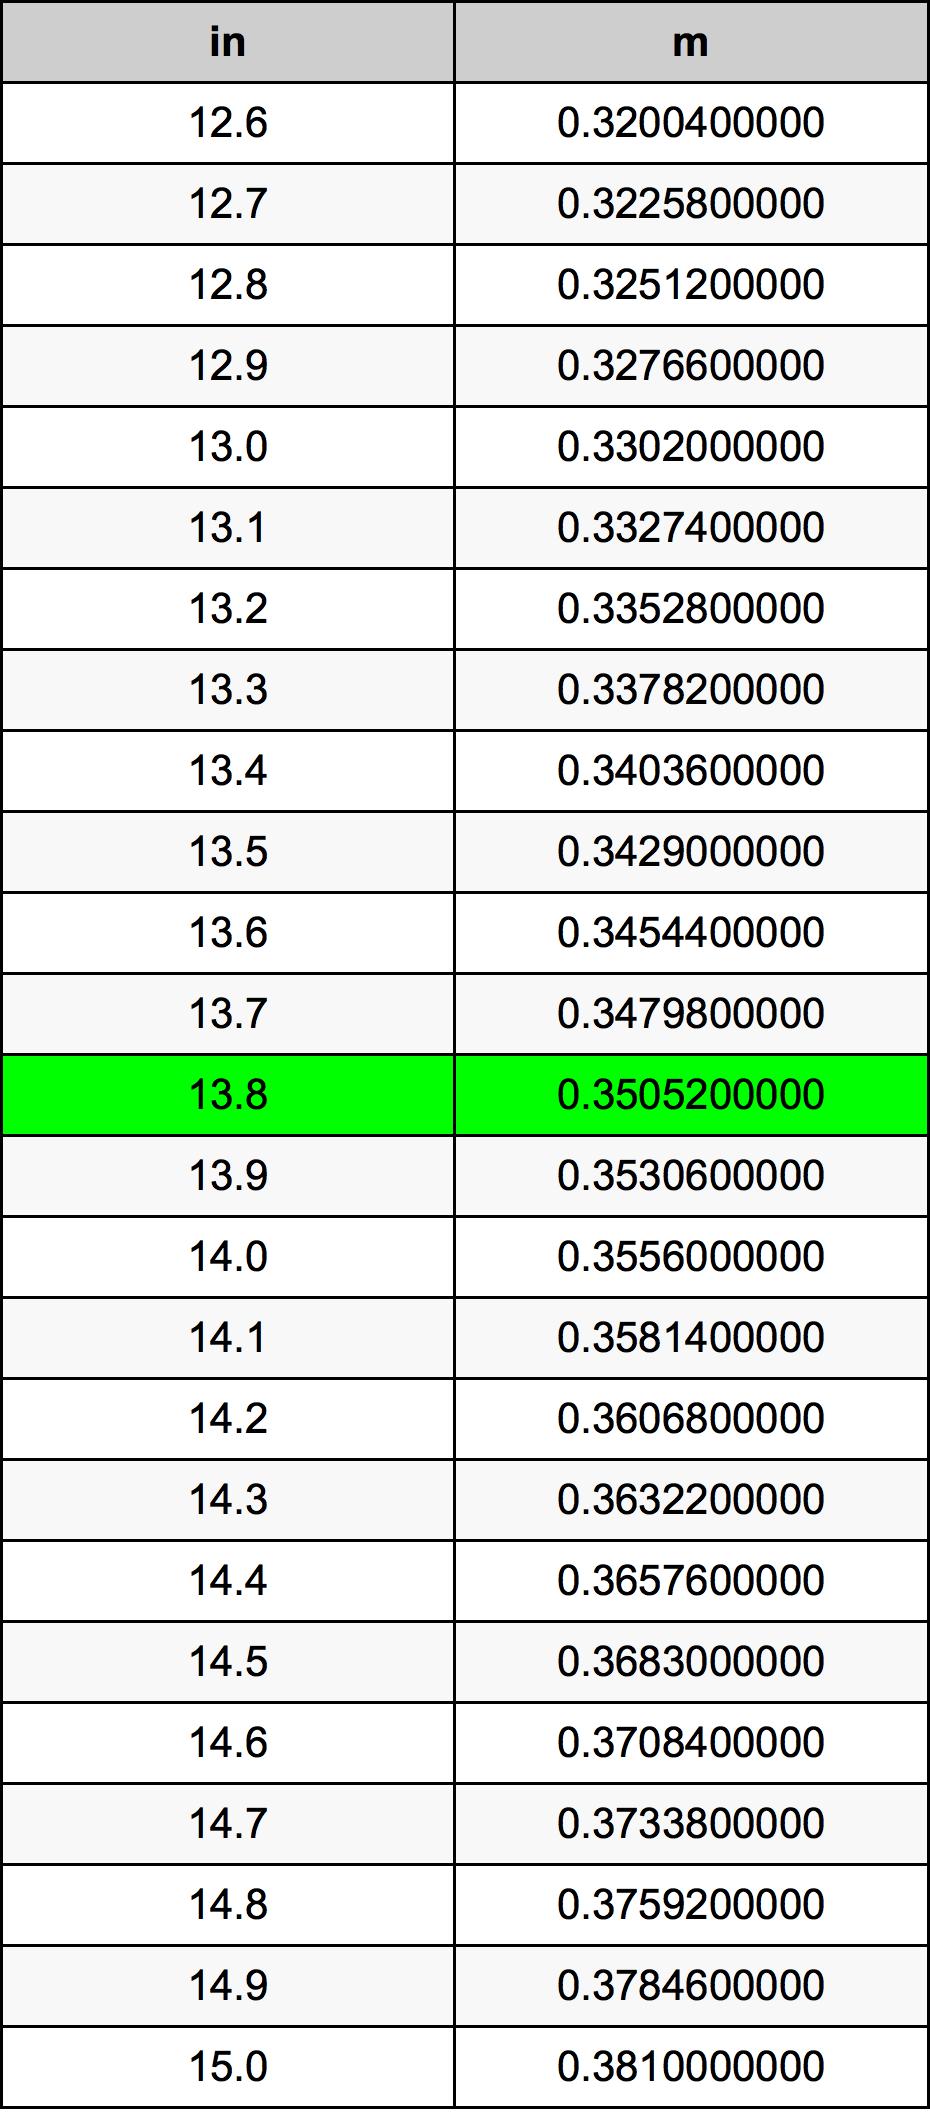 13.8インチ換算表